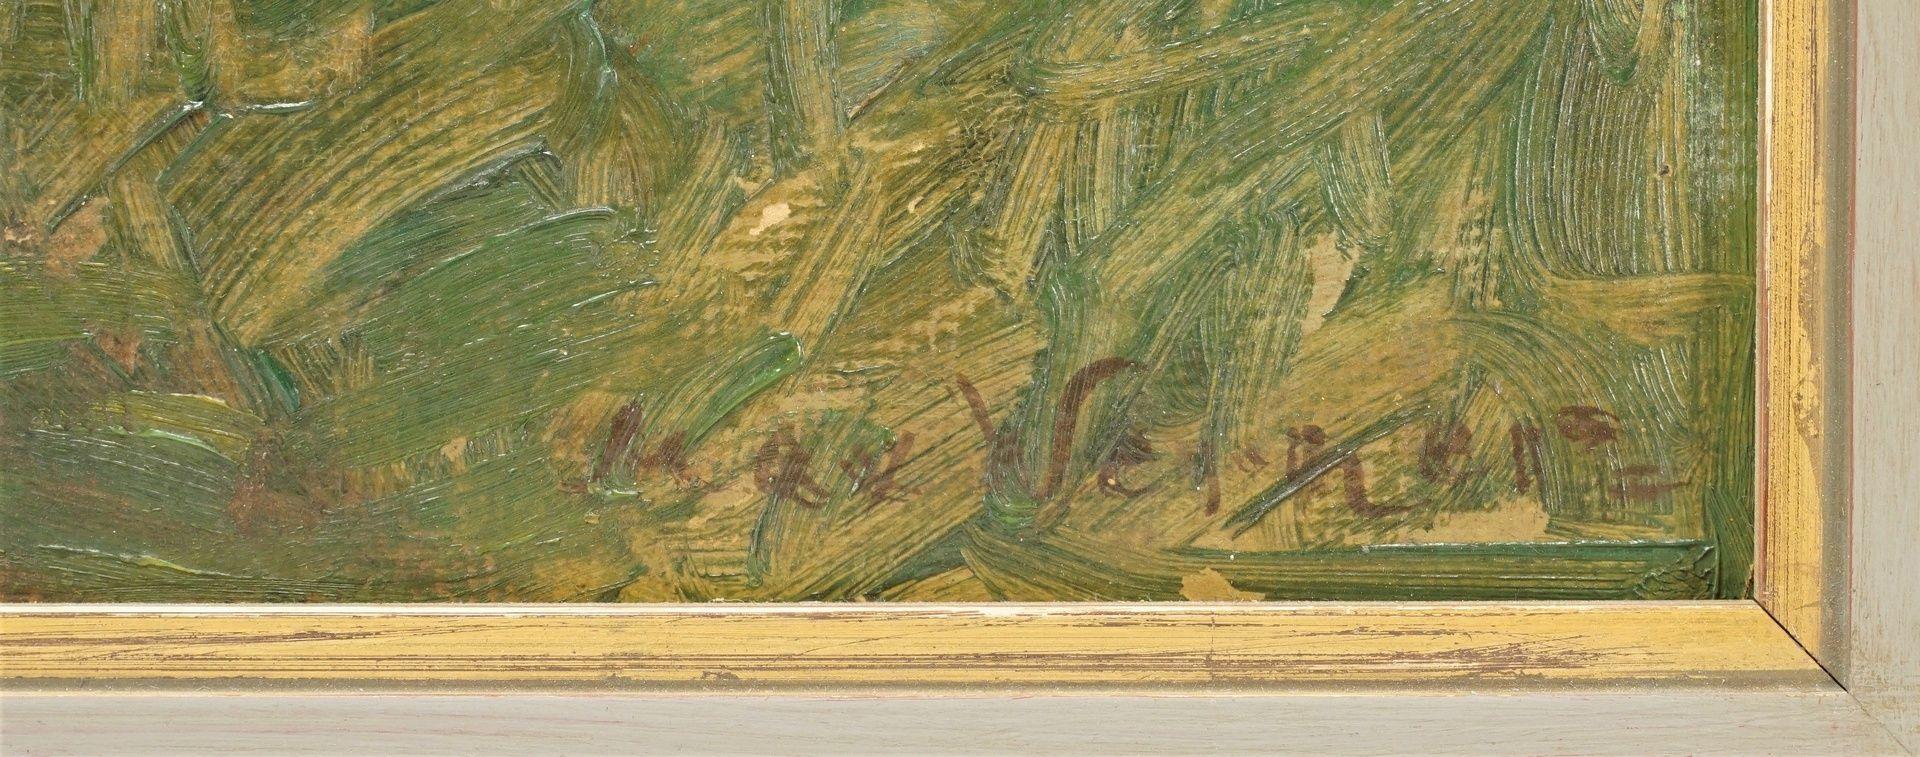 """Max Werner, """"Holsteinisches Bauernhaus (Einfelder See)"""" - Bild 4 aus 4"""